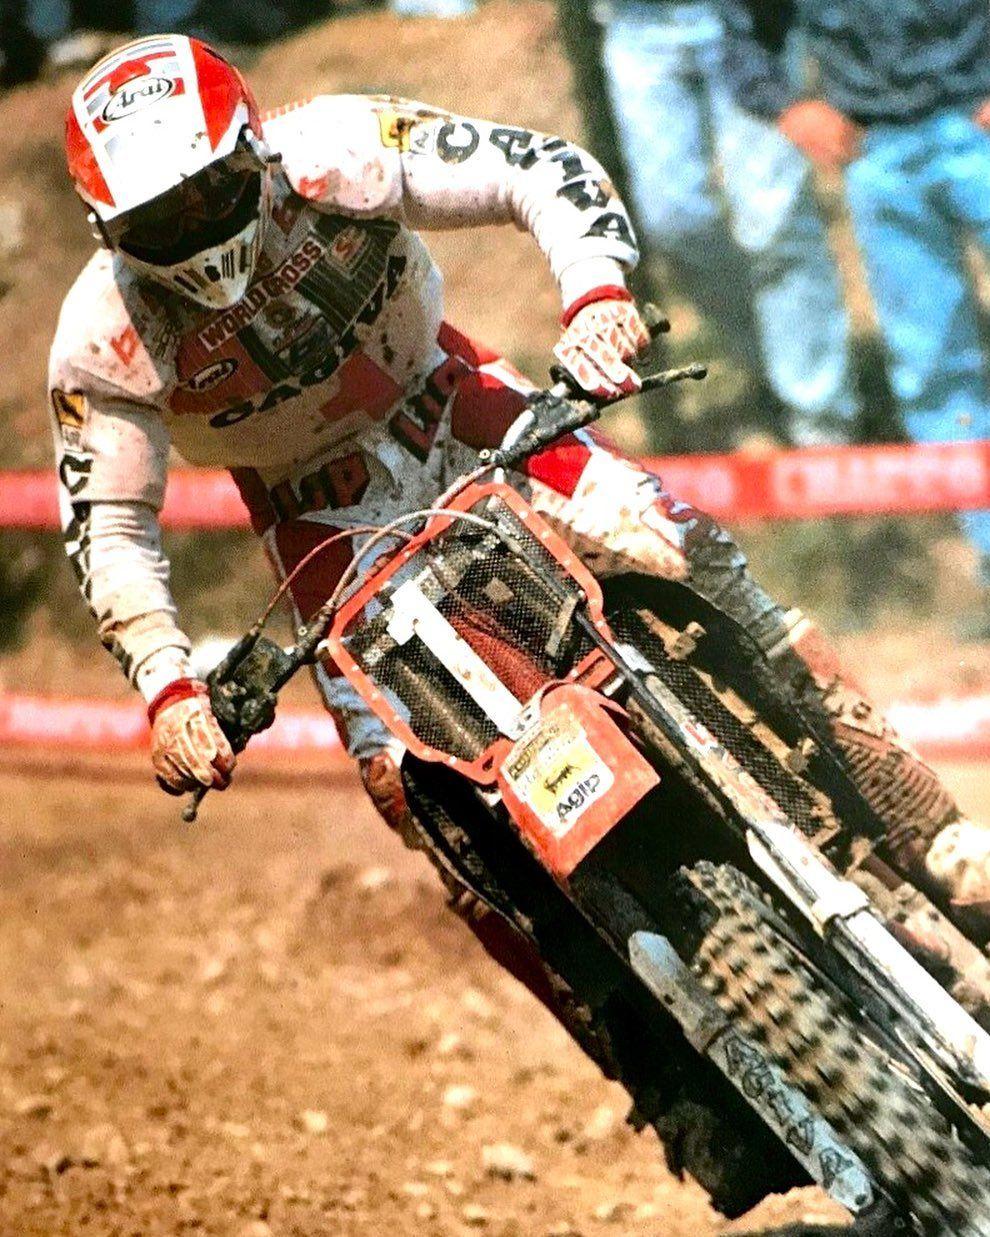 Pin Van Mario Luxardo Estevez Op Motocross In 2020 Grappig